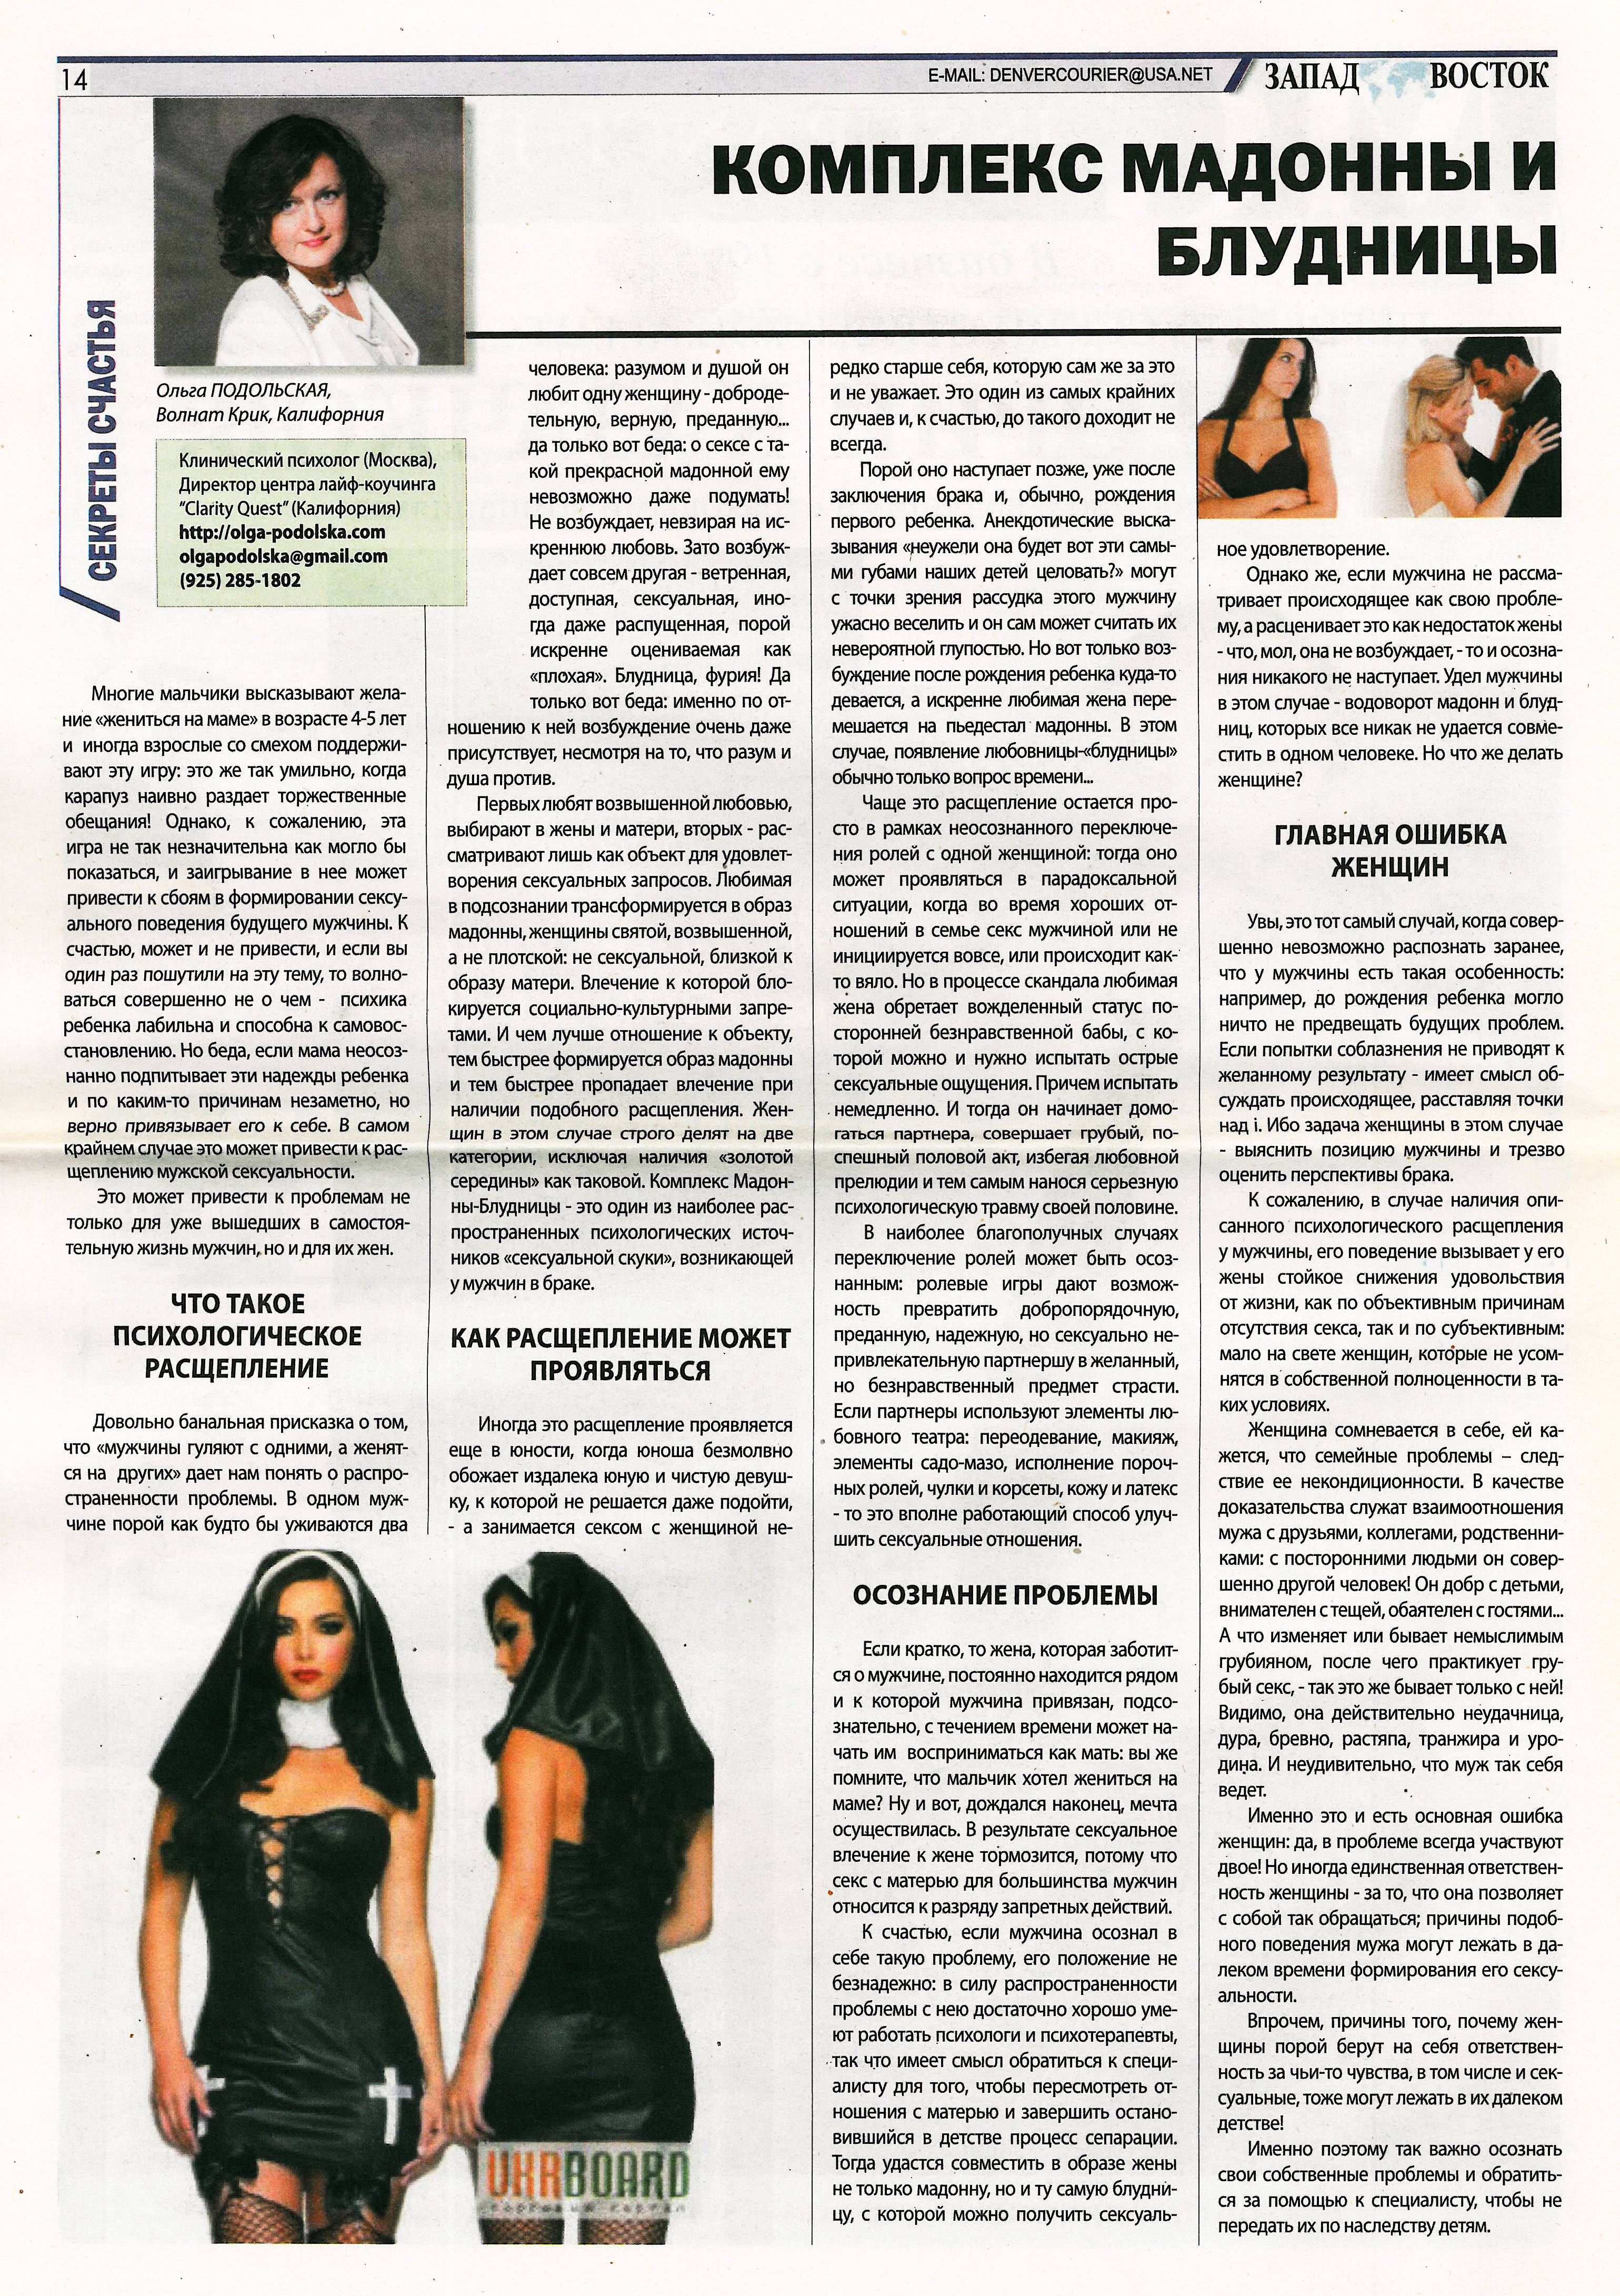 Психология женской и мужской сексуальности: как развить и раскрыть секреты сексуальности и привлекательности